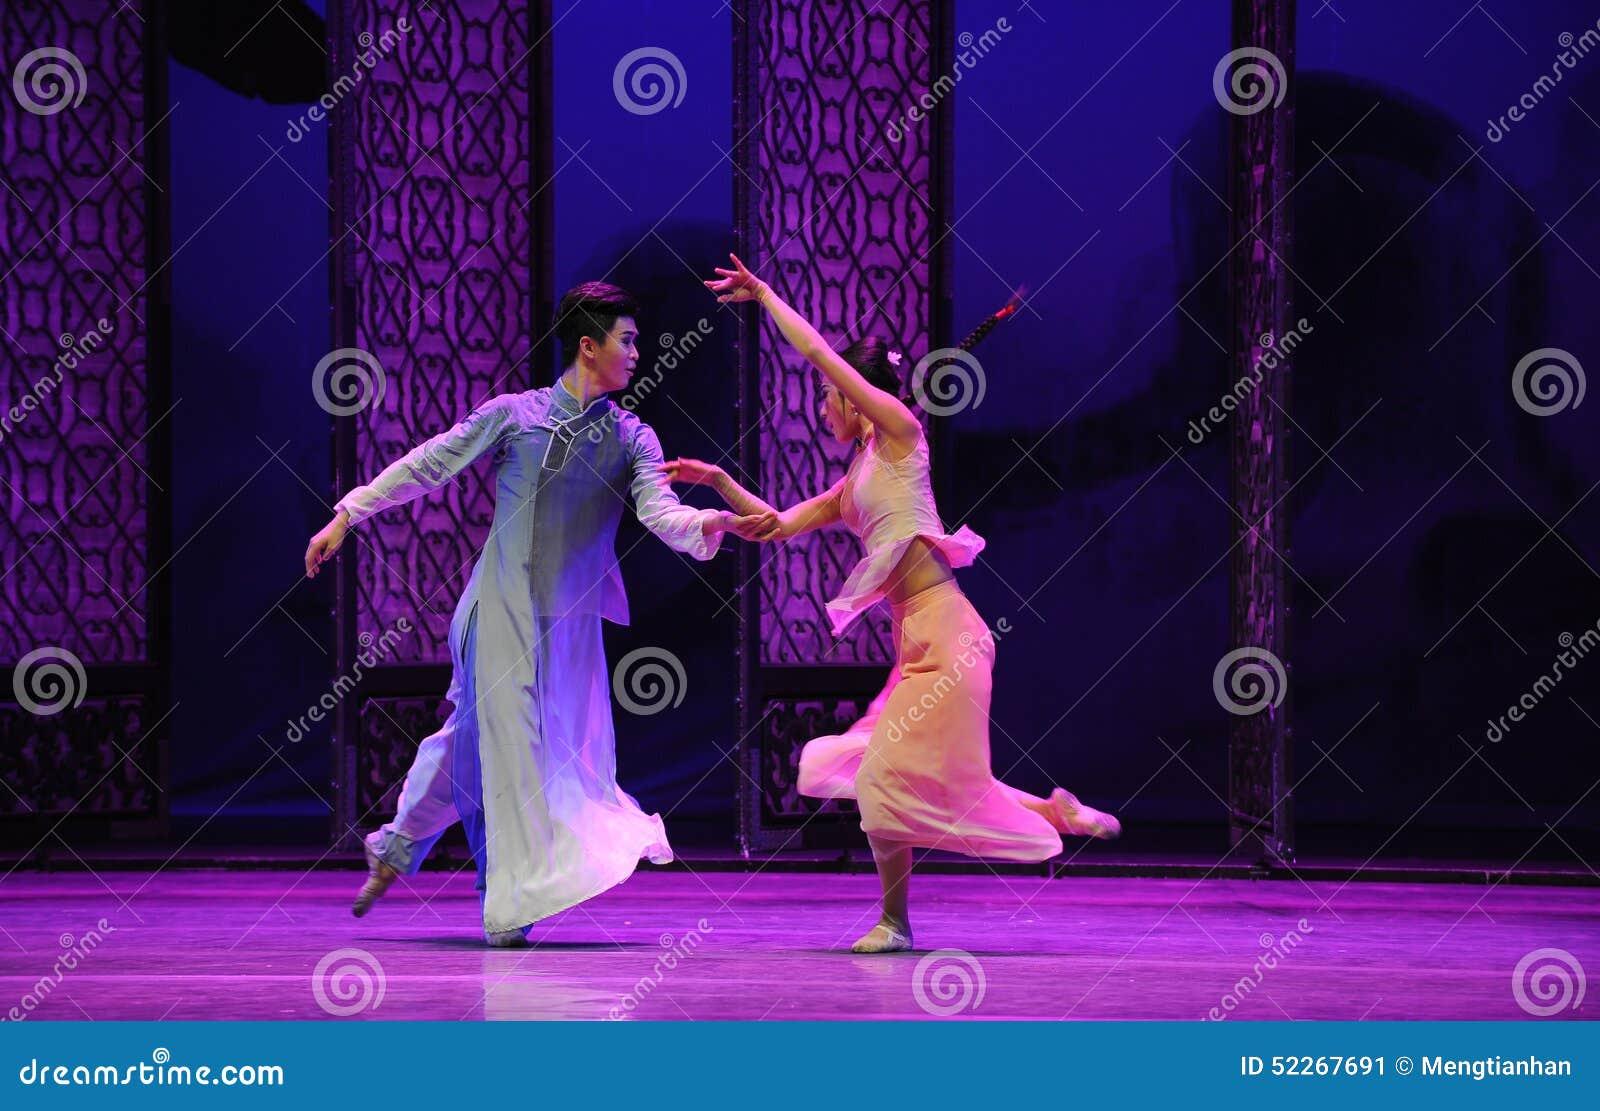 Ο στενός δρόμος η σύγκρουση-δεύτερη πράξη των γεγονότων δράμα-Shawan χορού του παρελθόντος